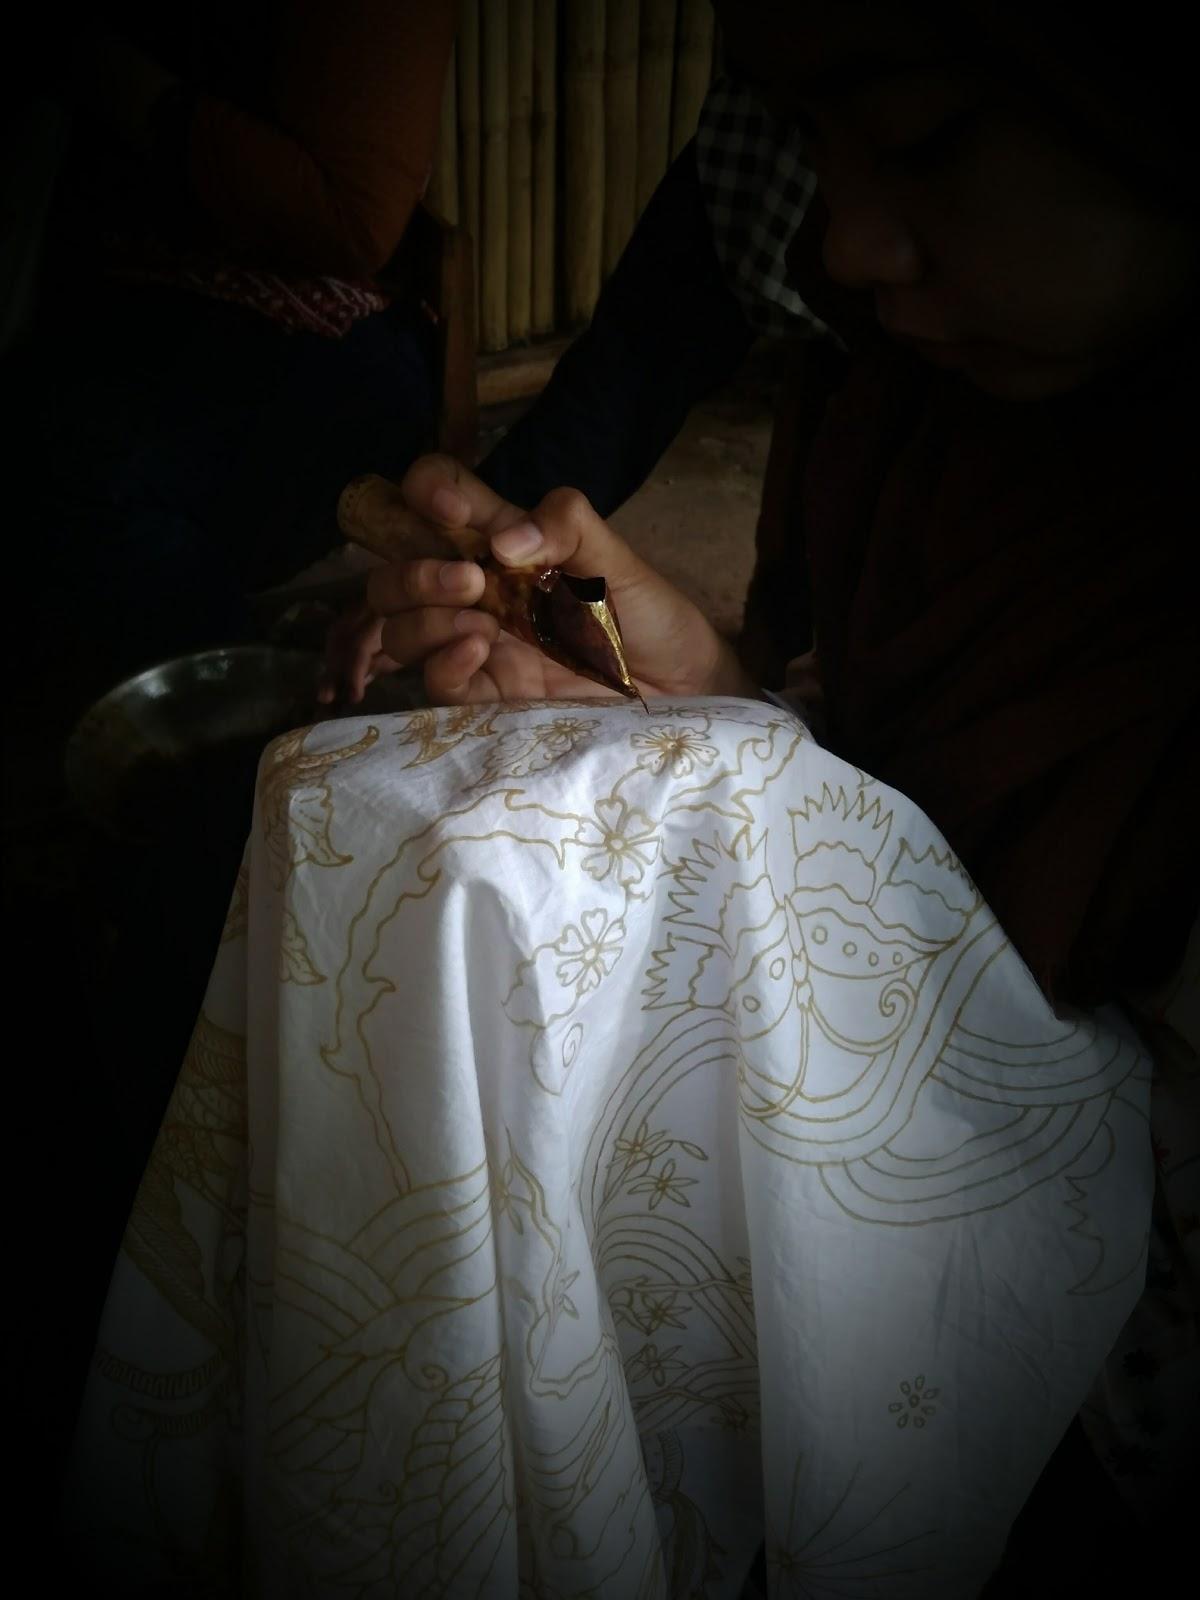 Tahapan Pembuatan Batik Tulis : tahapan, pembuatan, batik, tulis, Tahap, Pembuatan, Batik